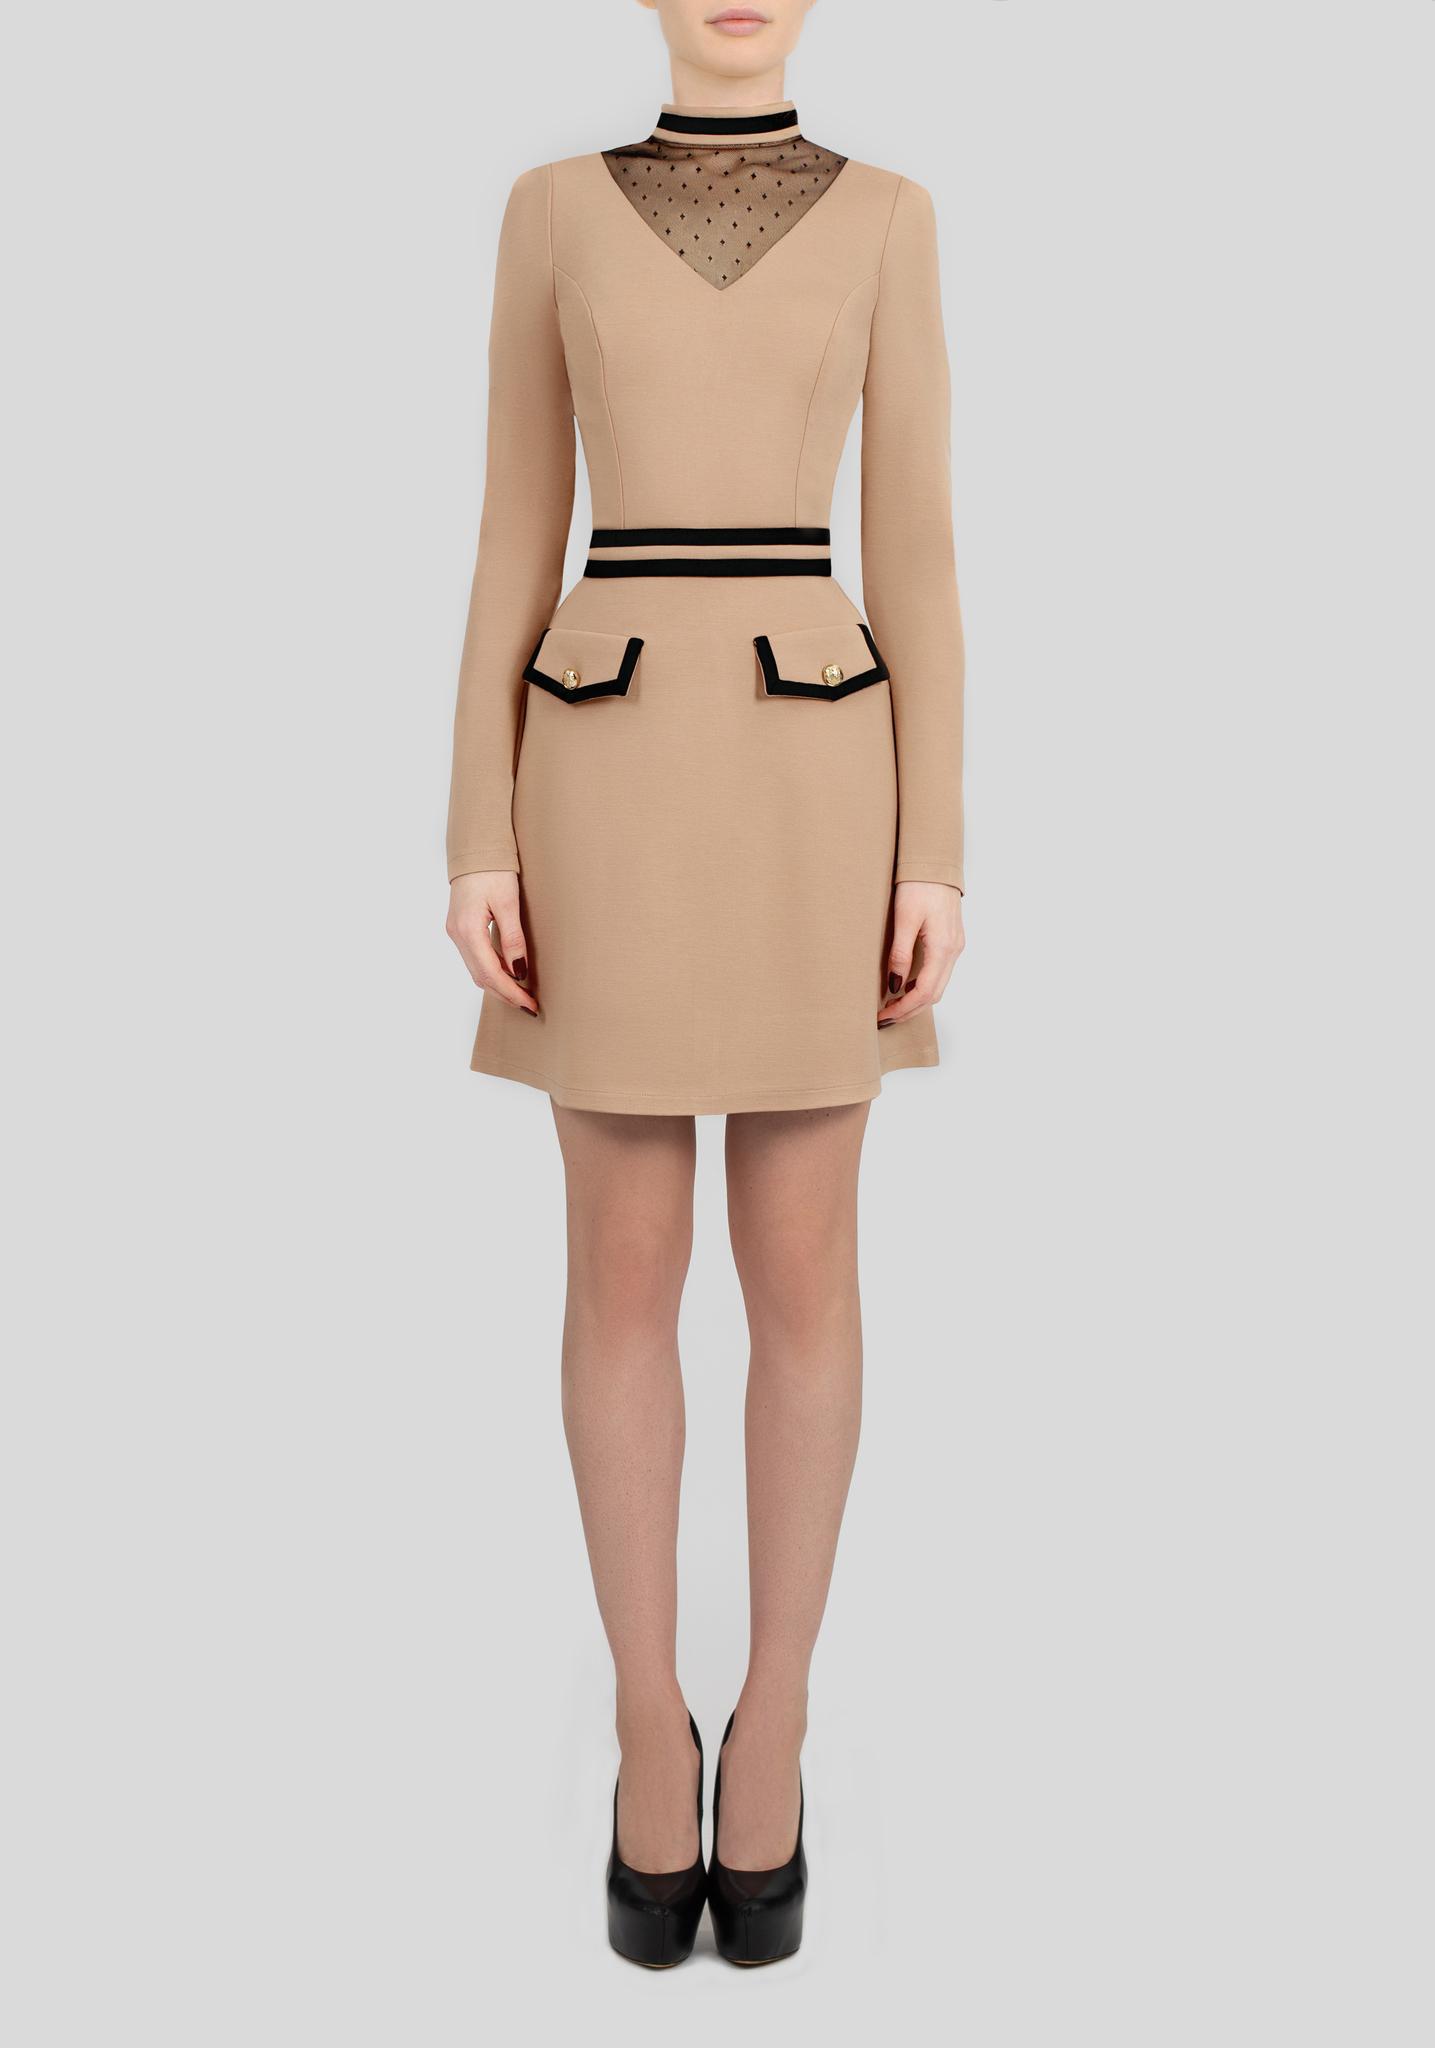 Бежевое платье с кружевной вставкой и карманами